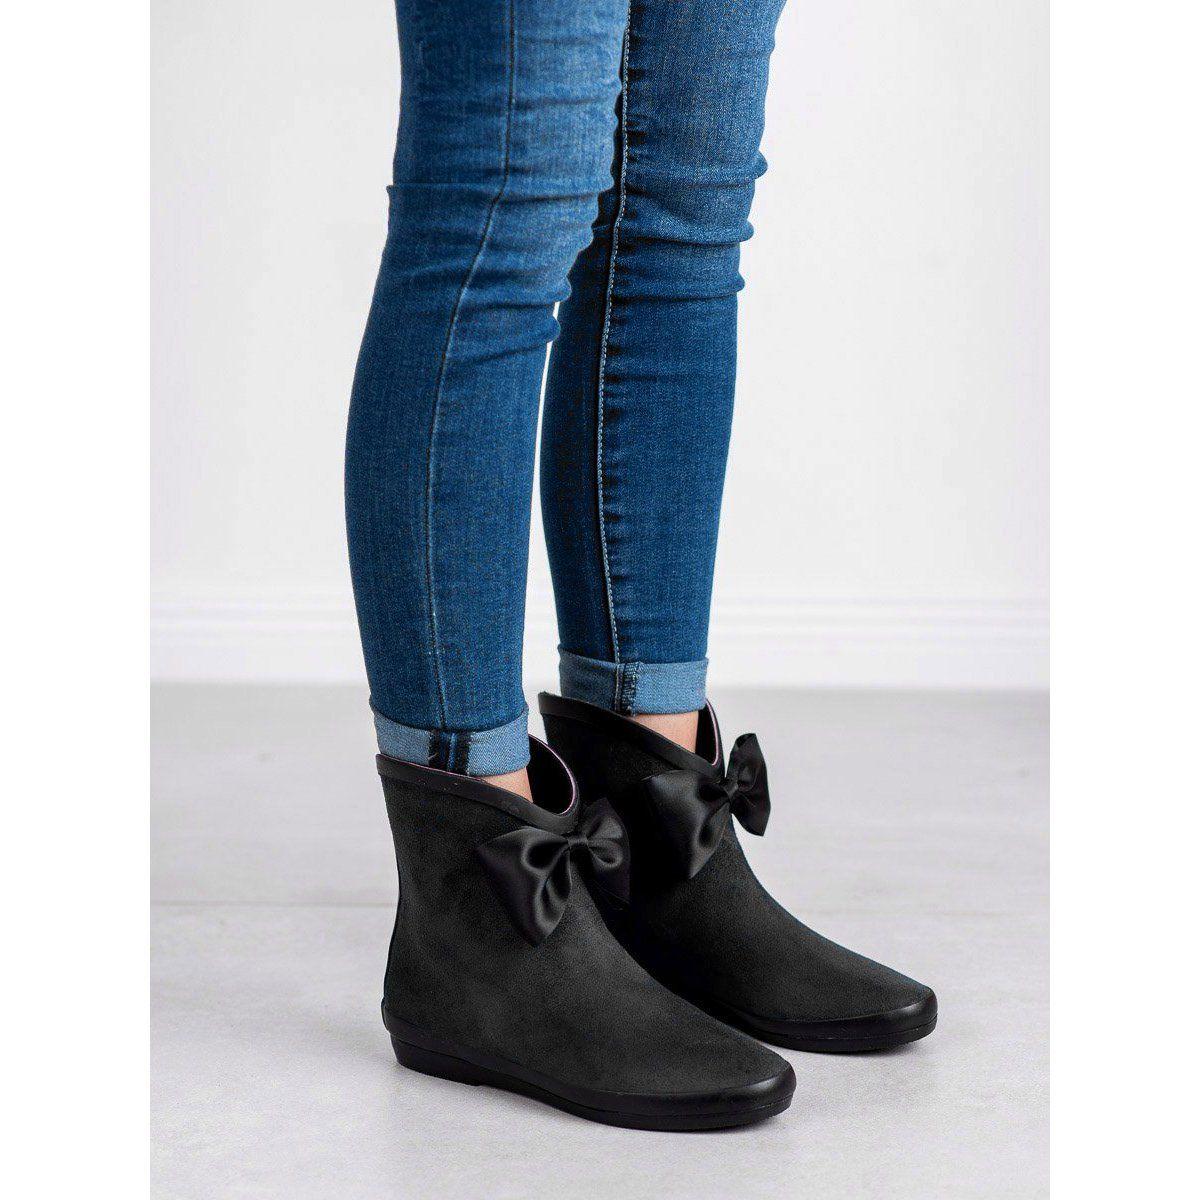 Kalosze Damskie Kylie Kylie Czarne Zamszowe Kalosze Z Kokardka Ladies Wellies Womens Wellies Boots